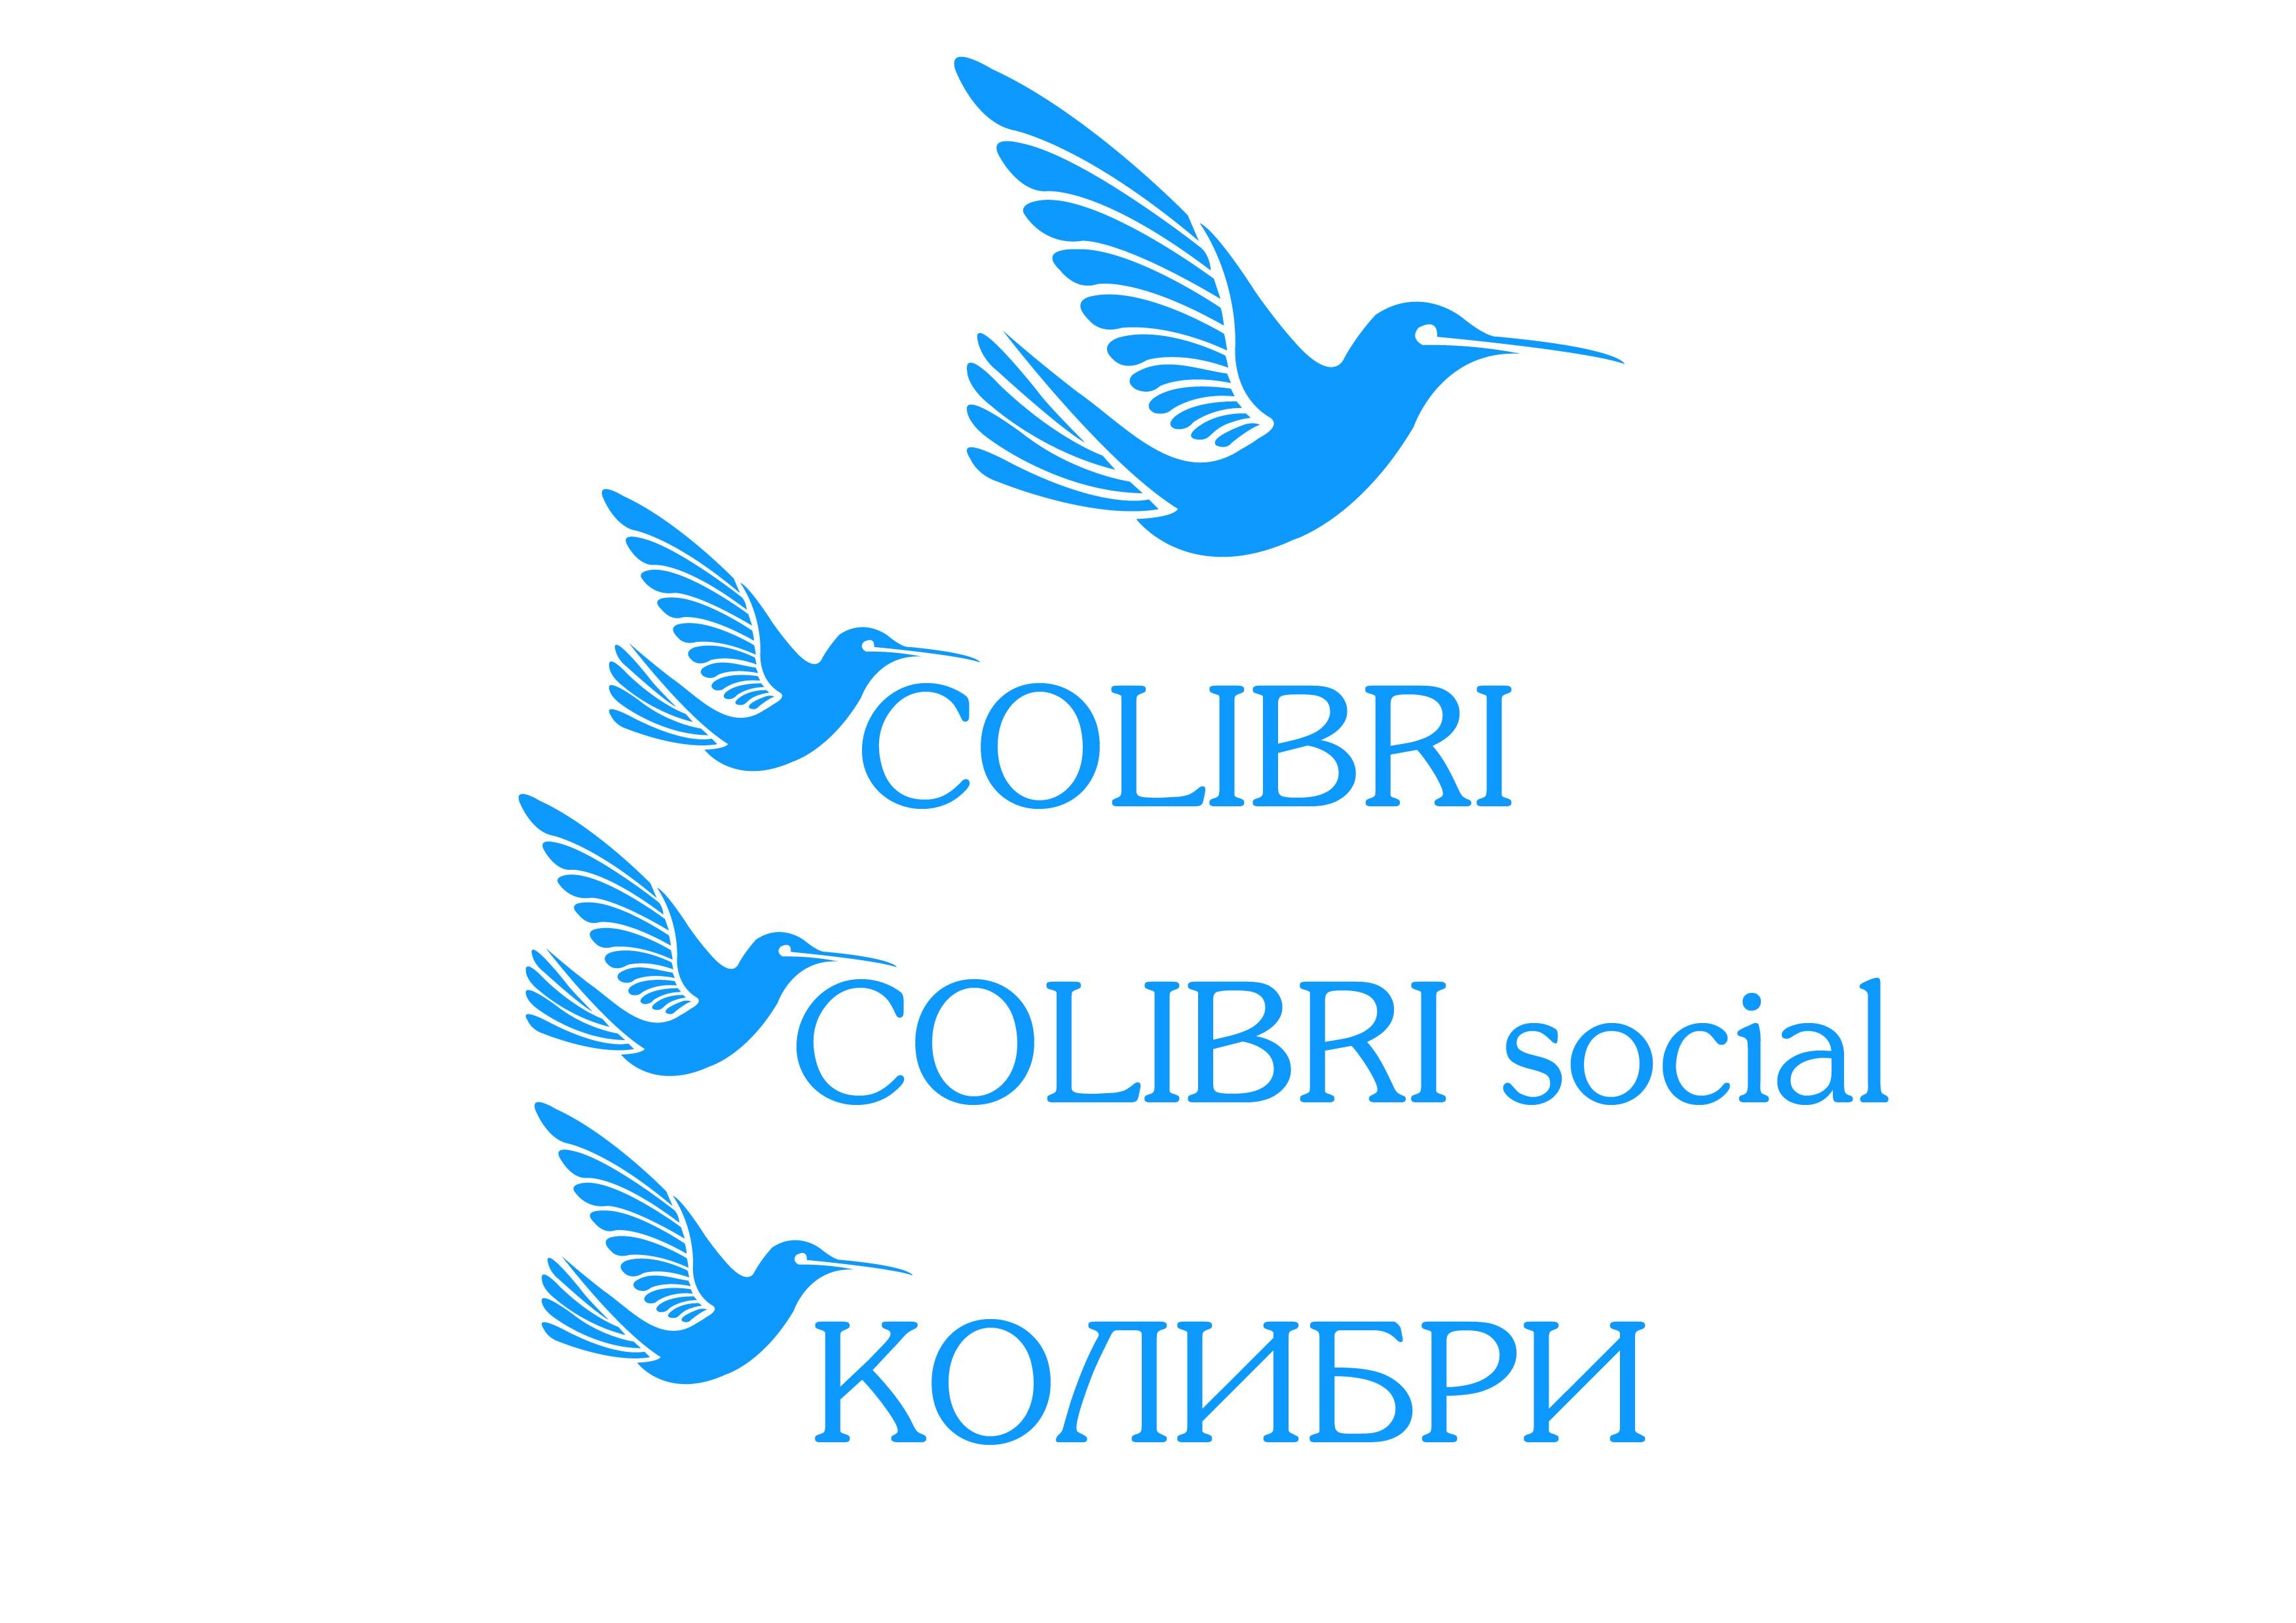 Дизайнер, разработка логотипа компании фото f_4135582c15cb24f8.jpg